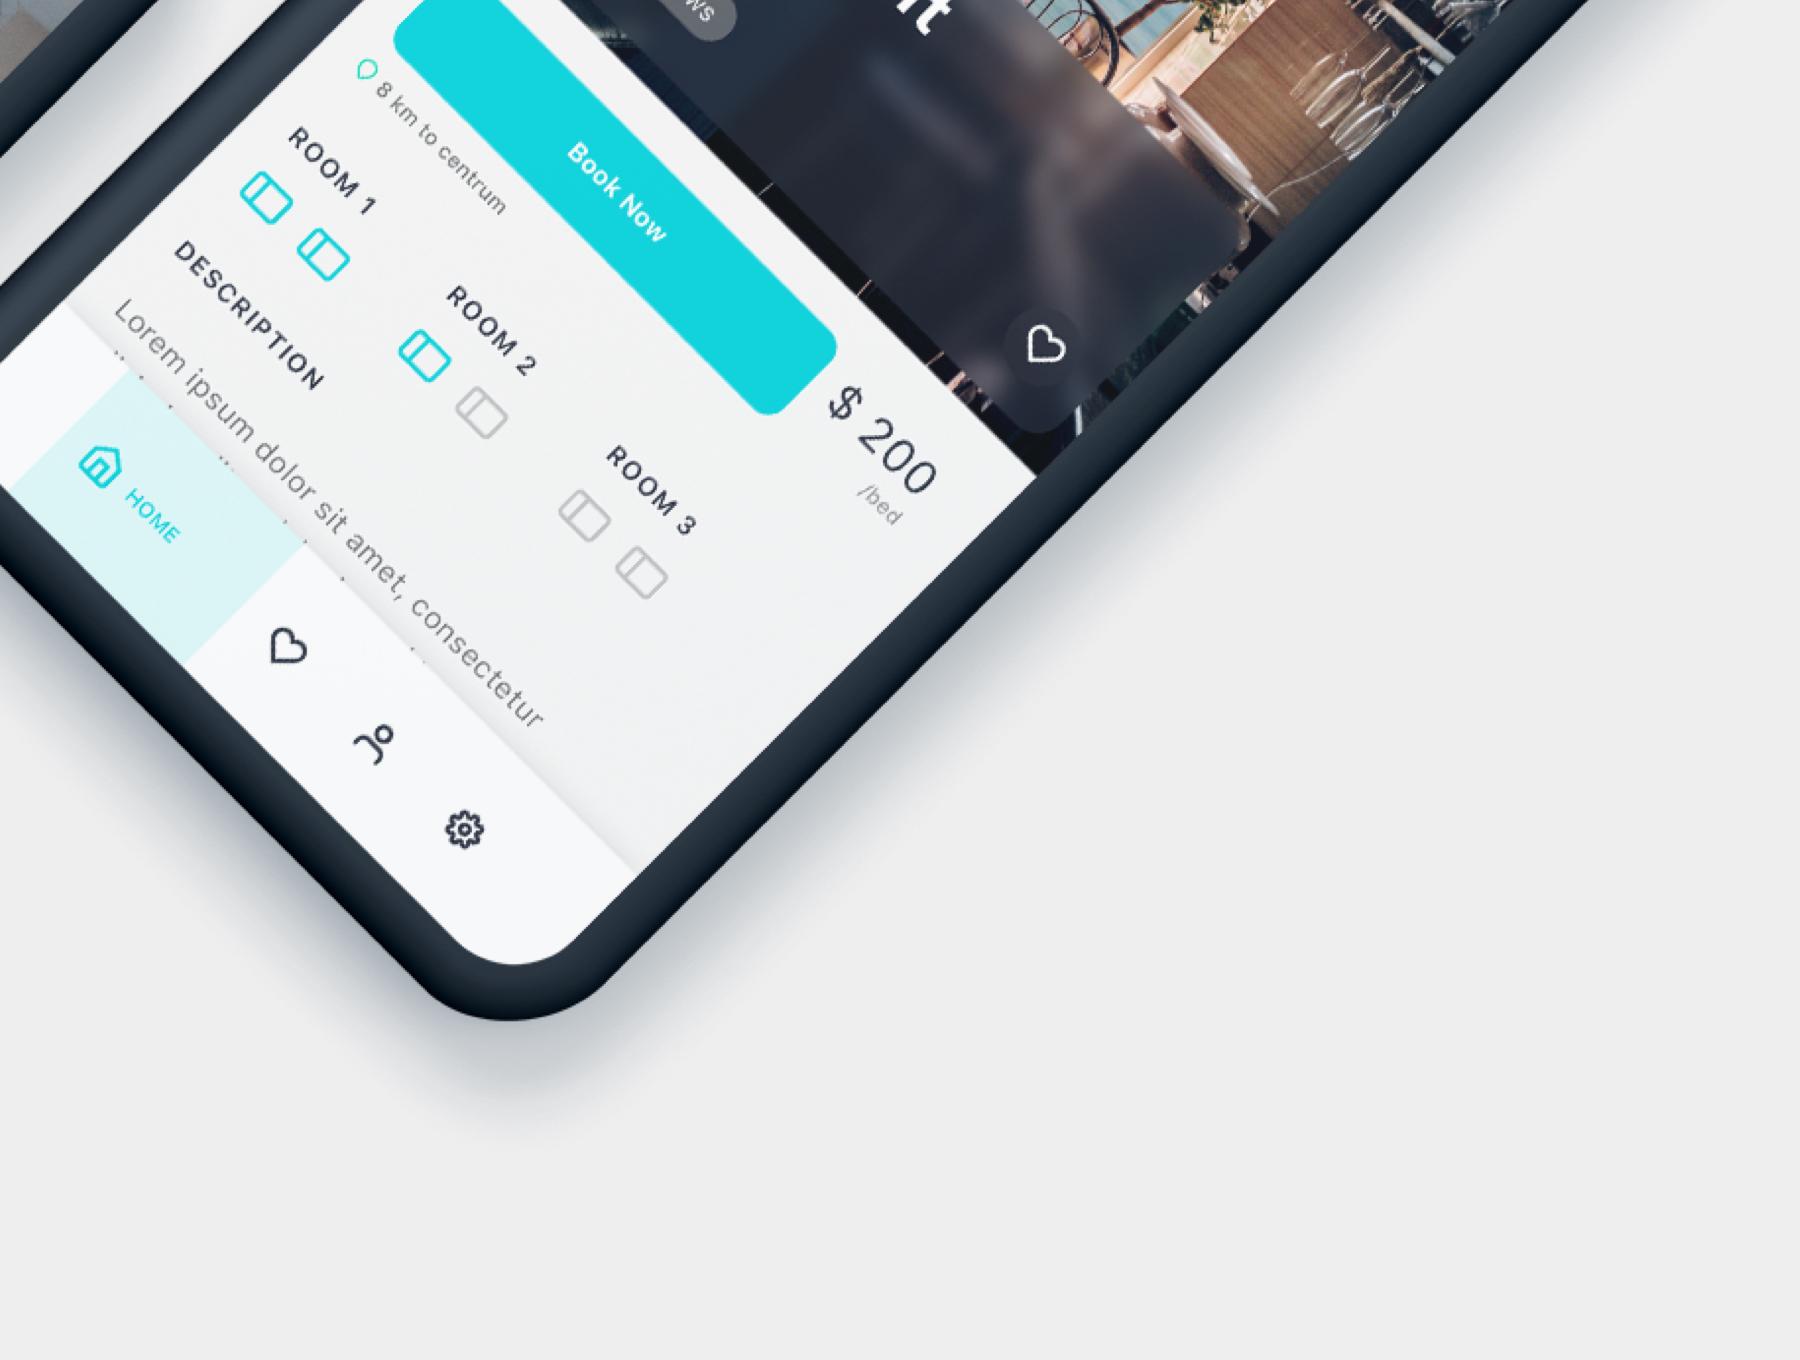 酒店预定APP应用程序UI界面设计套件 Roomate iOS UI Kit插图(9)